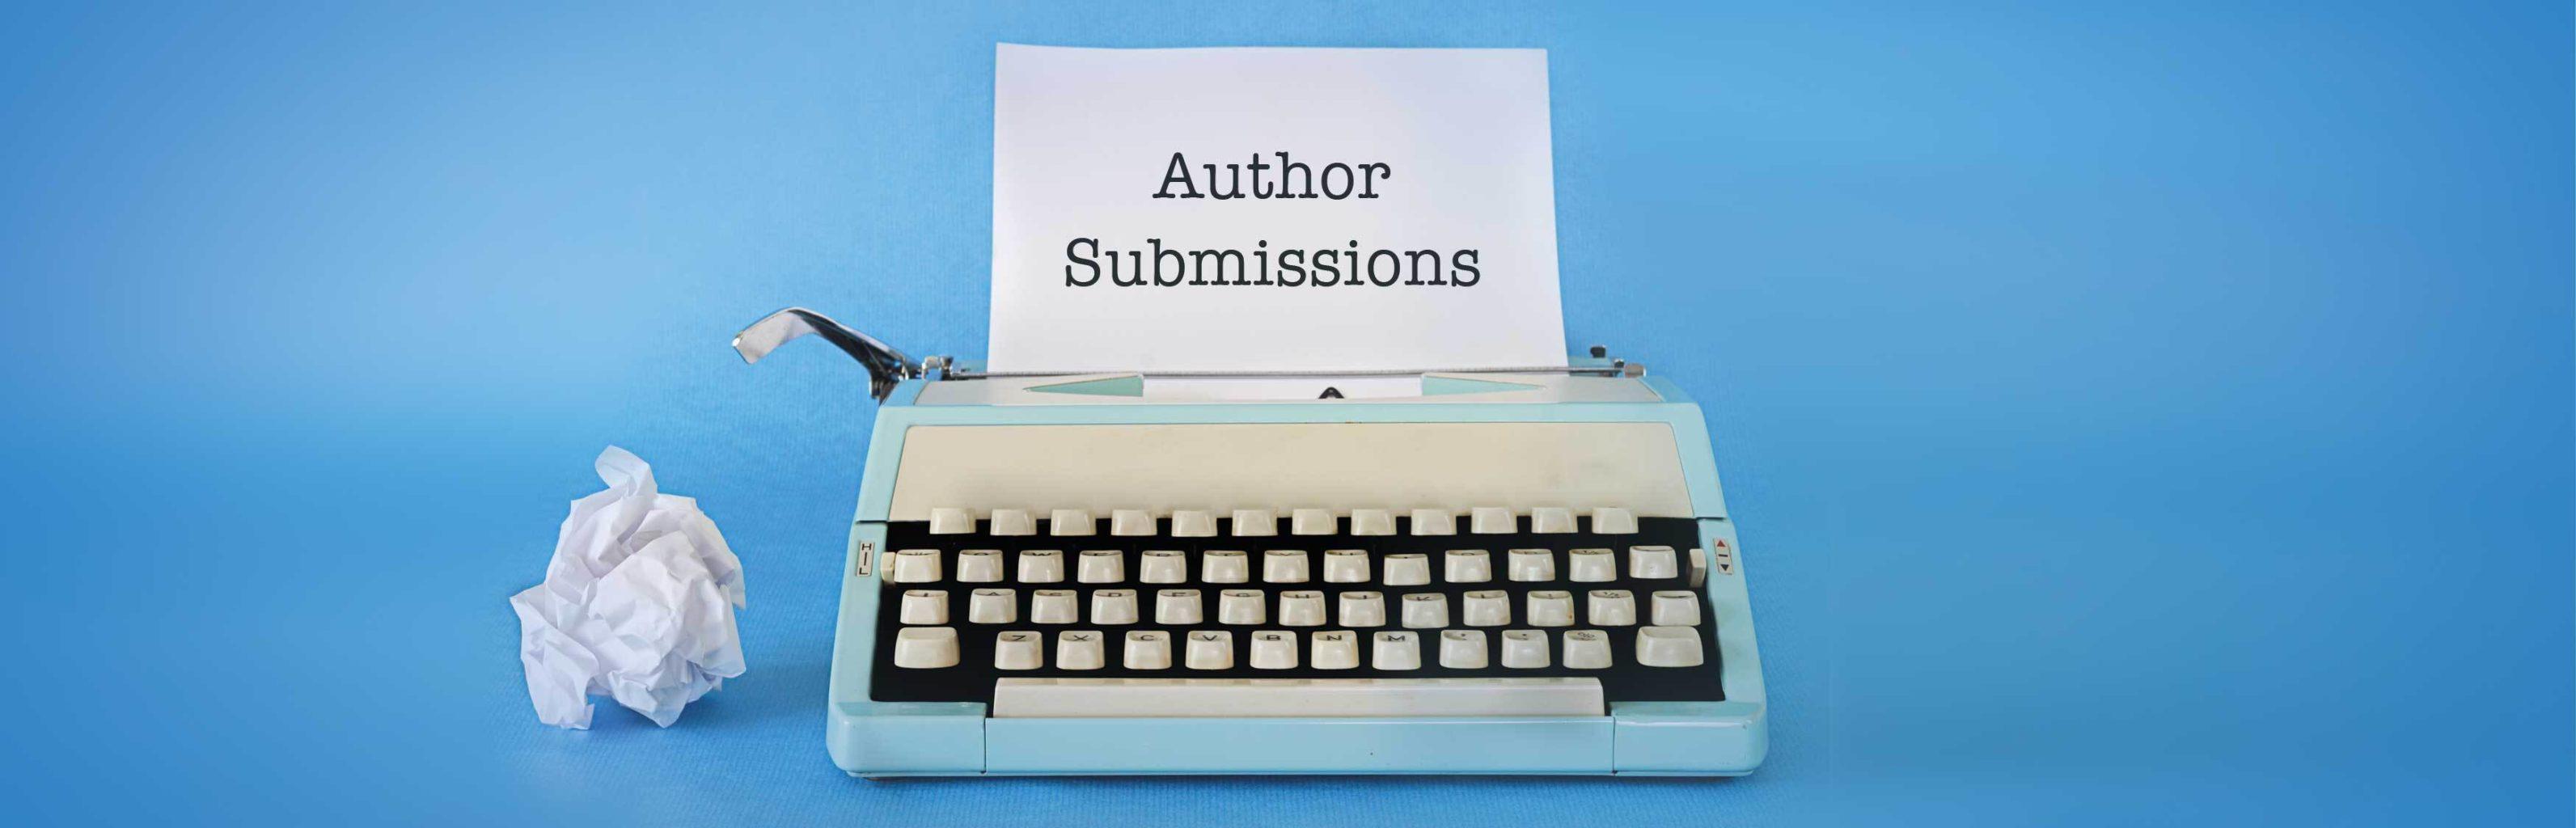 Familius - Author Submissions